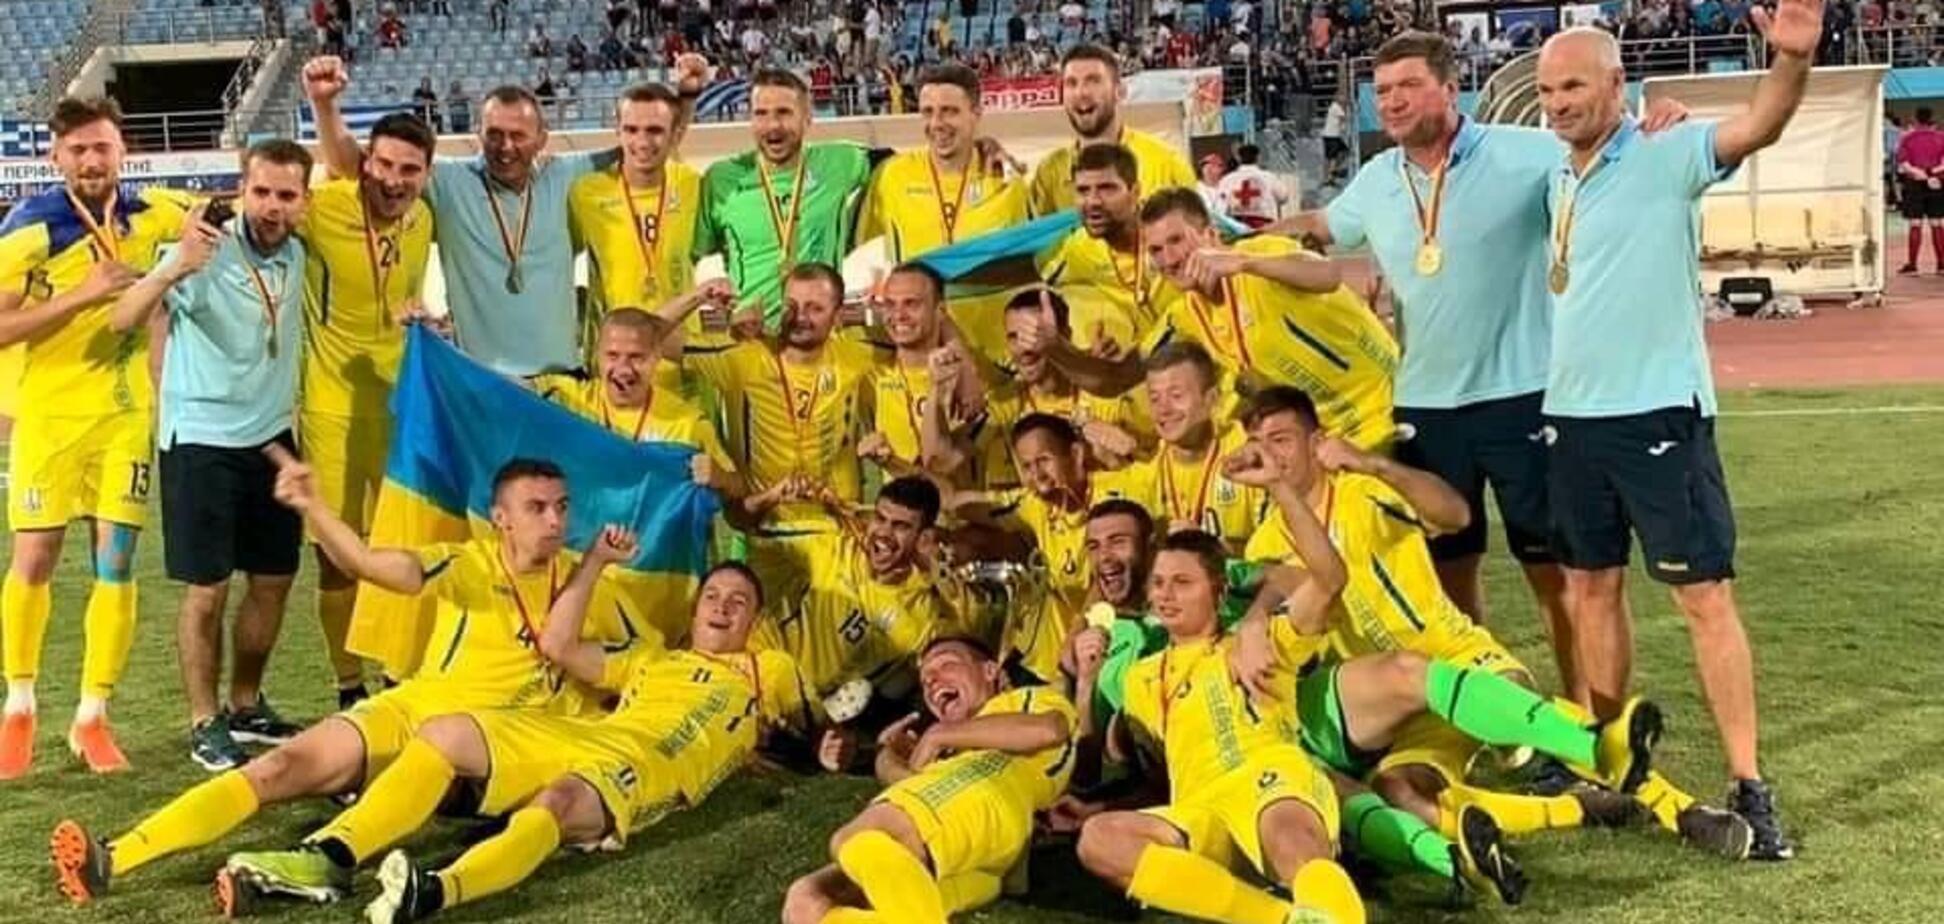 Україна виграла чемпіонат Європи з футболу серед тих, кто погано чує